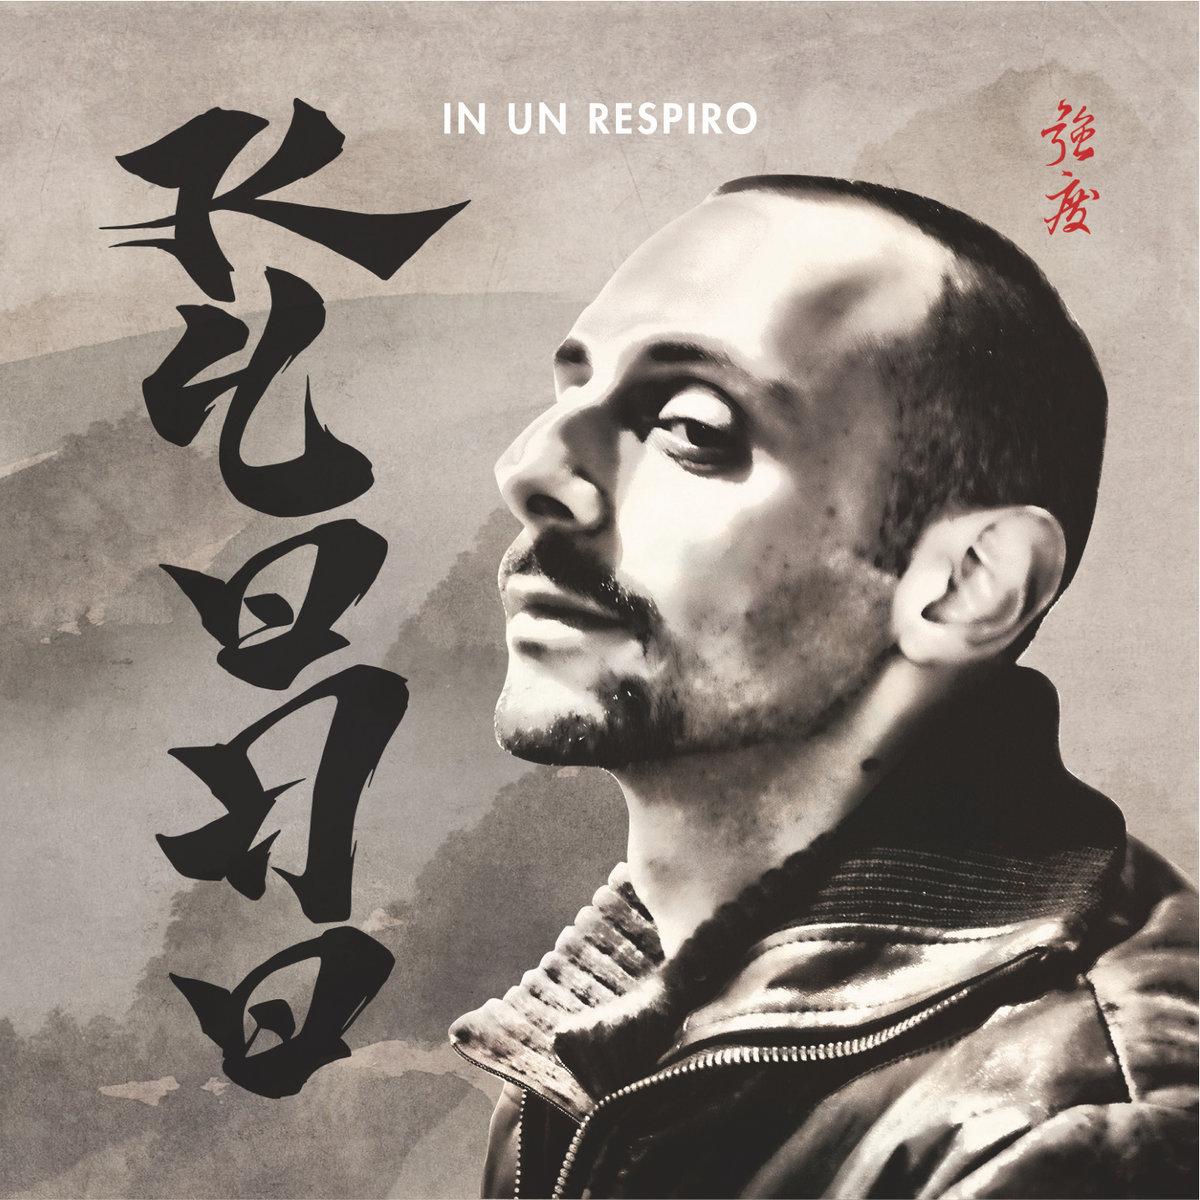 In Un Respiro Audioplate Records